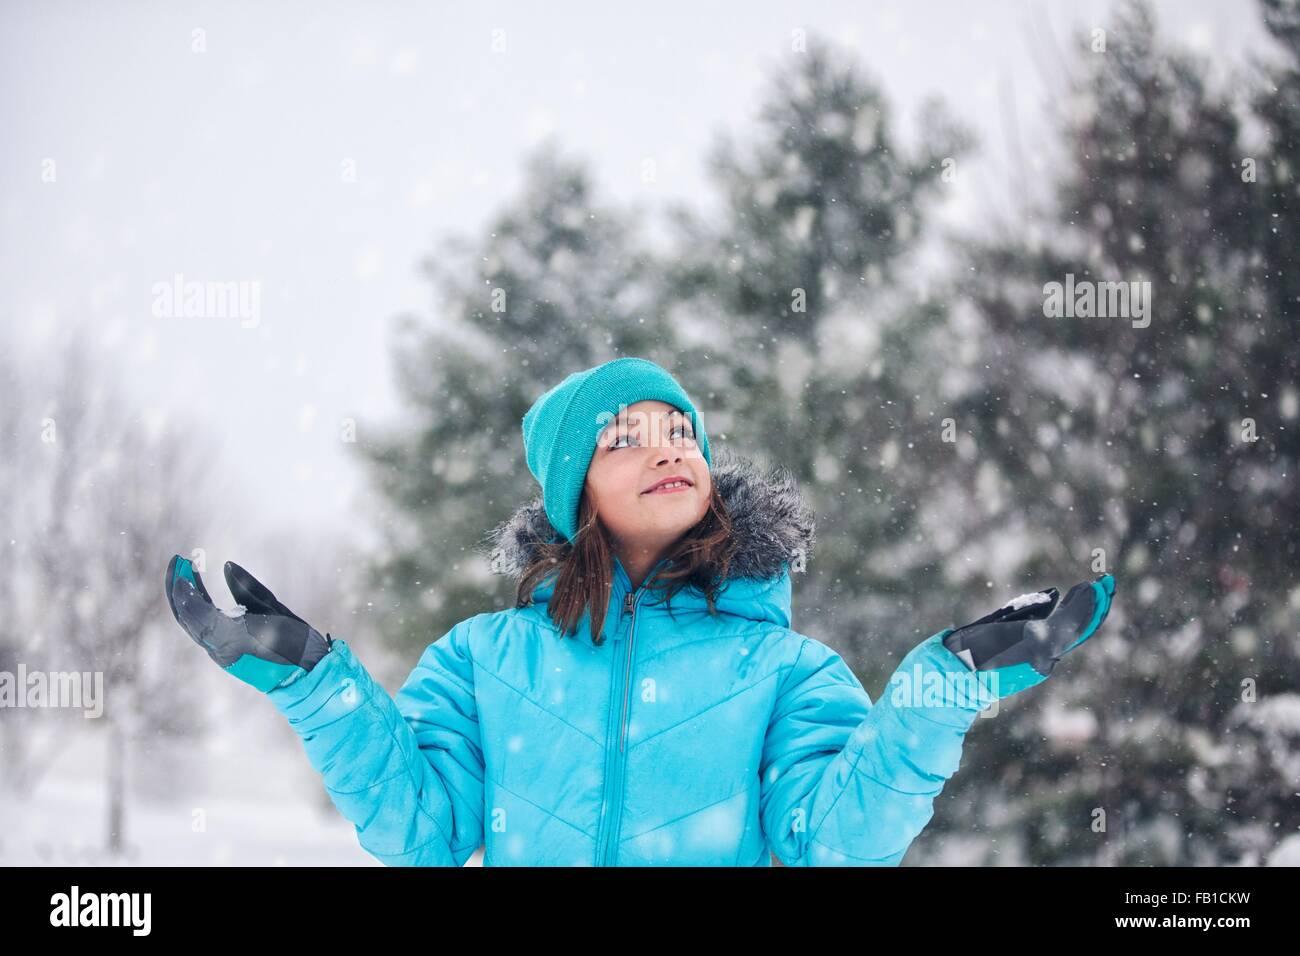 Turquoise Girl wearing Knit hat et manteau, bras levés, les mains hors de la neige, de la capture à la Photo Stock